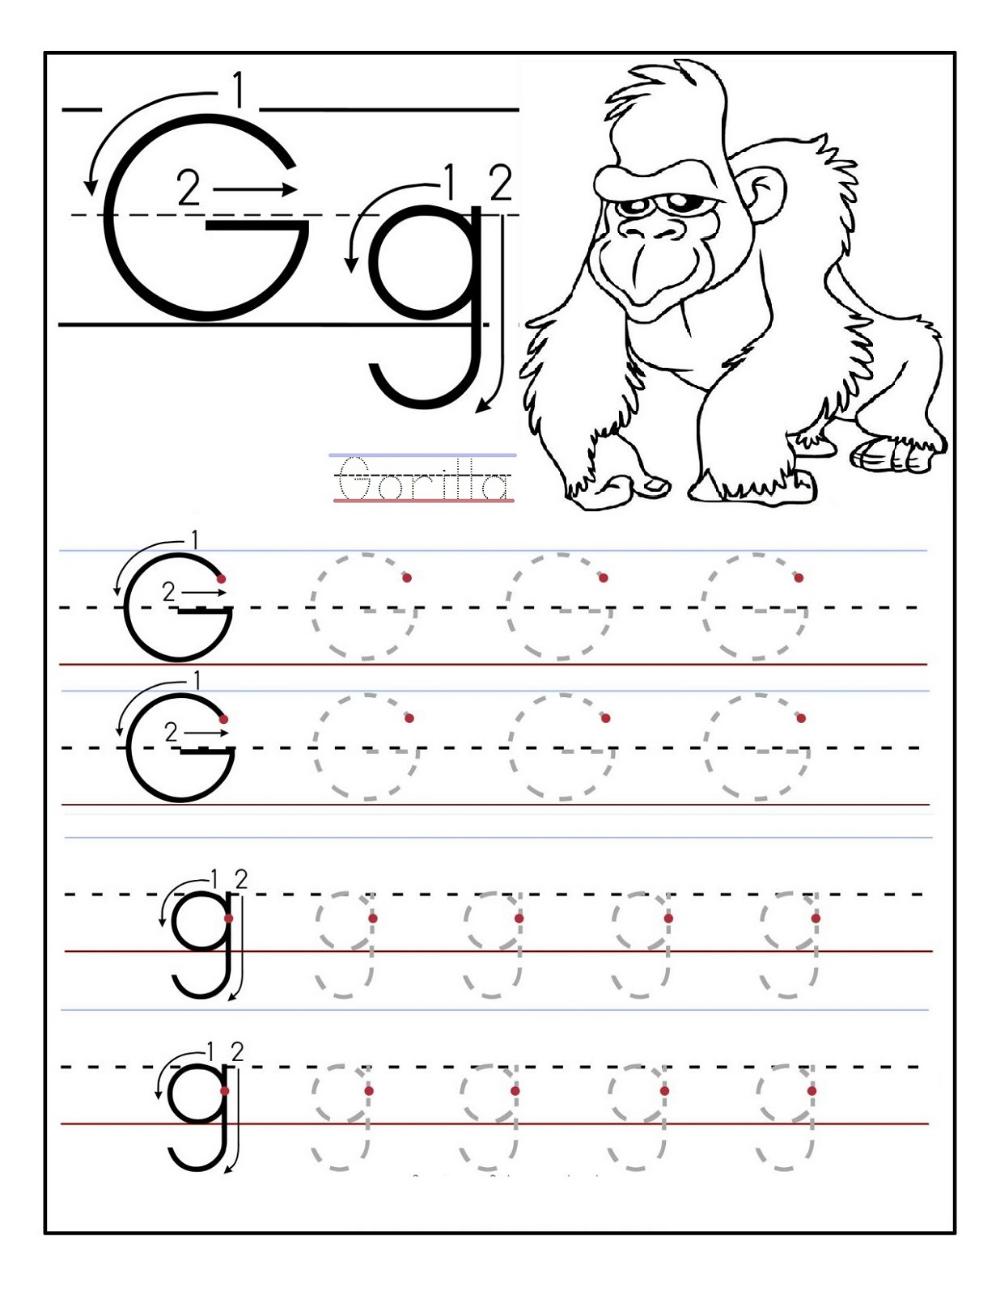 Free Printable Activities Alphabet Worksheets Preschool Tracing Worksheets Preschool Letter G Worksheets [ 1294 x 1000 Pixel ]